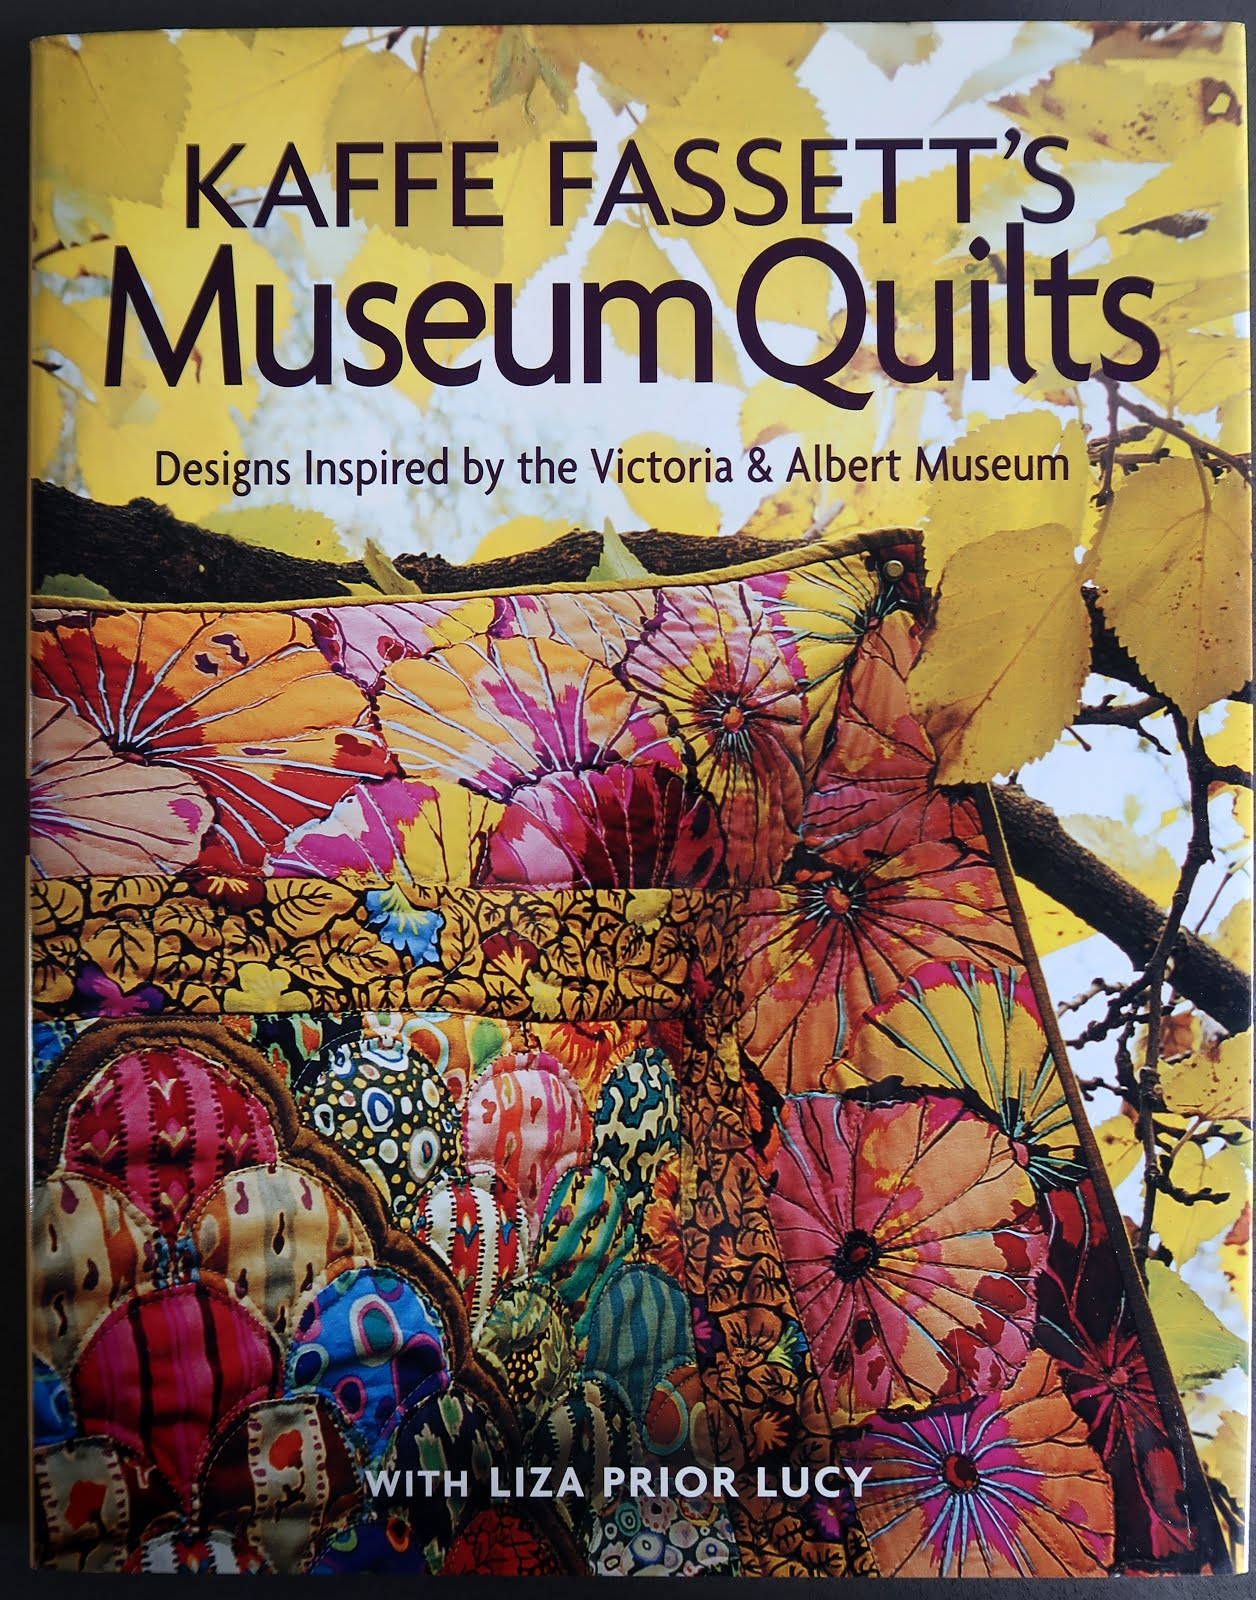 Kaffe Fassett's Museum Quilts (click!)